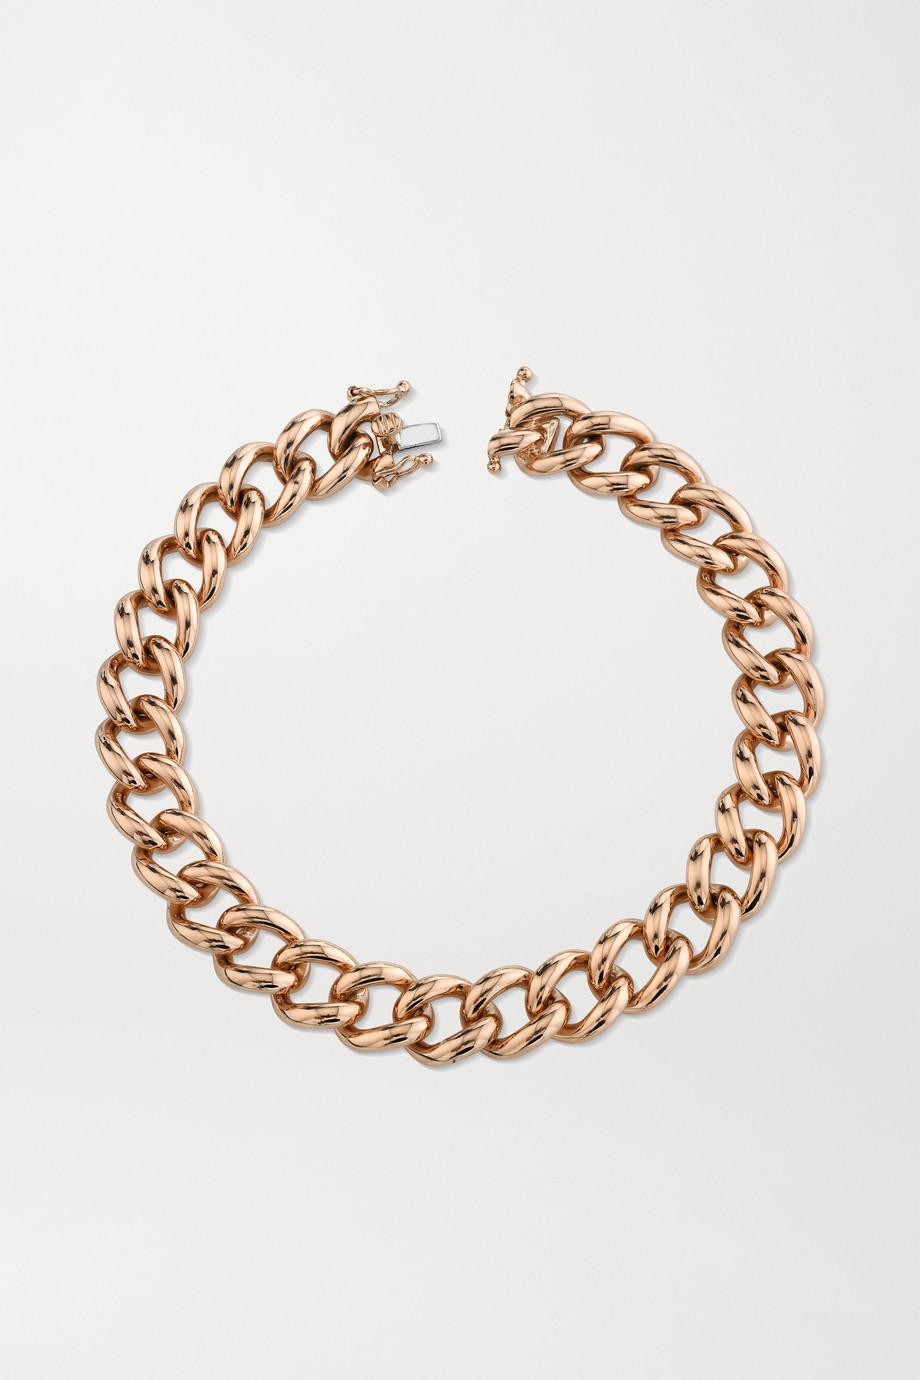 Anita Ko Armband aus 18Karat Roségold